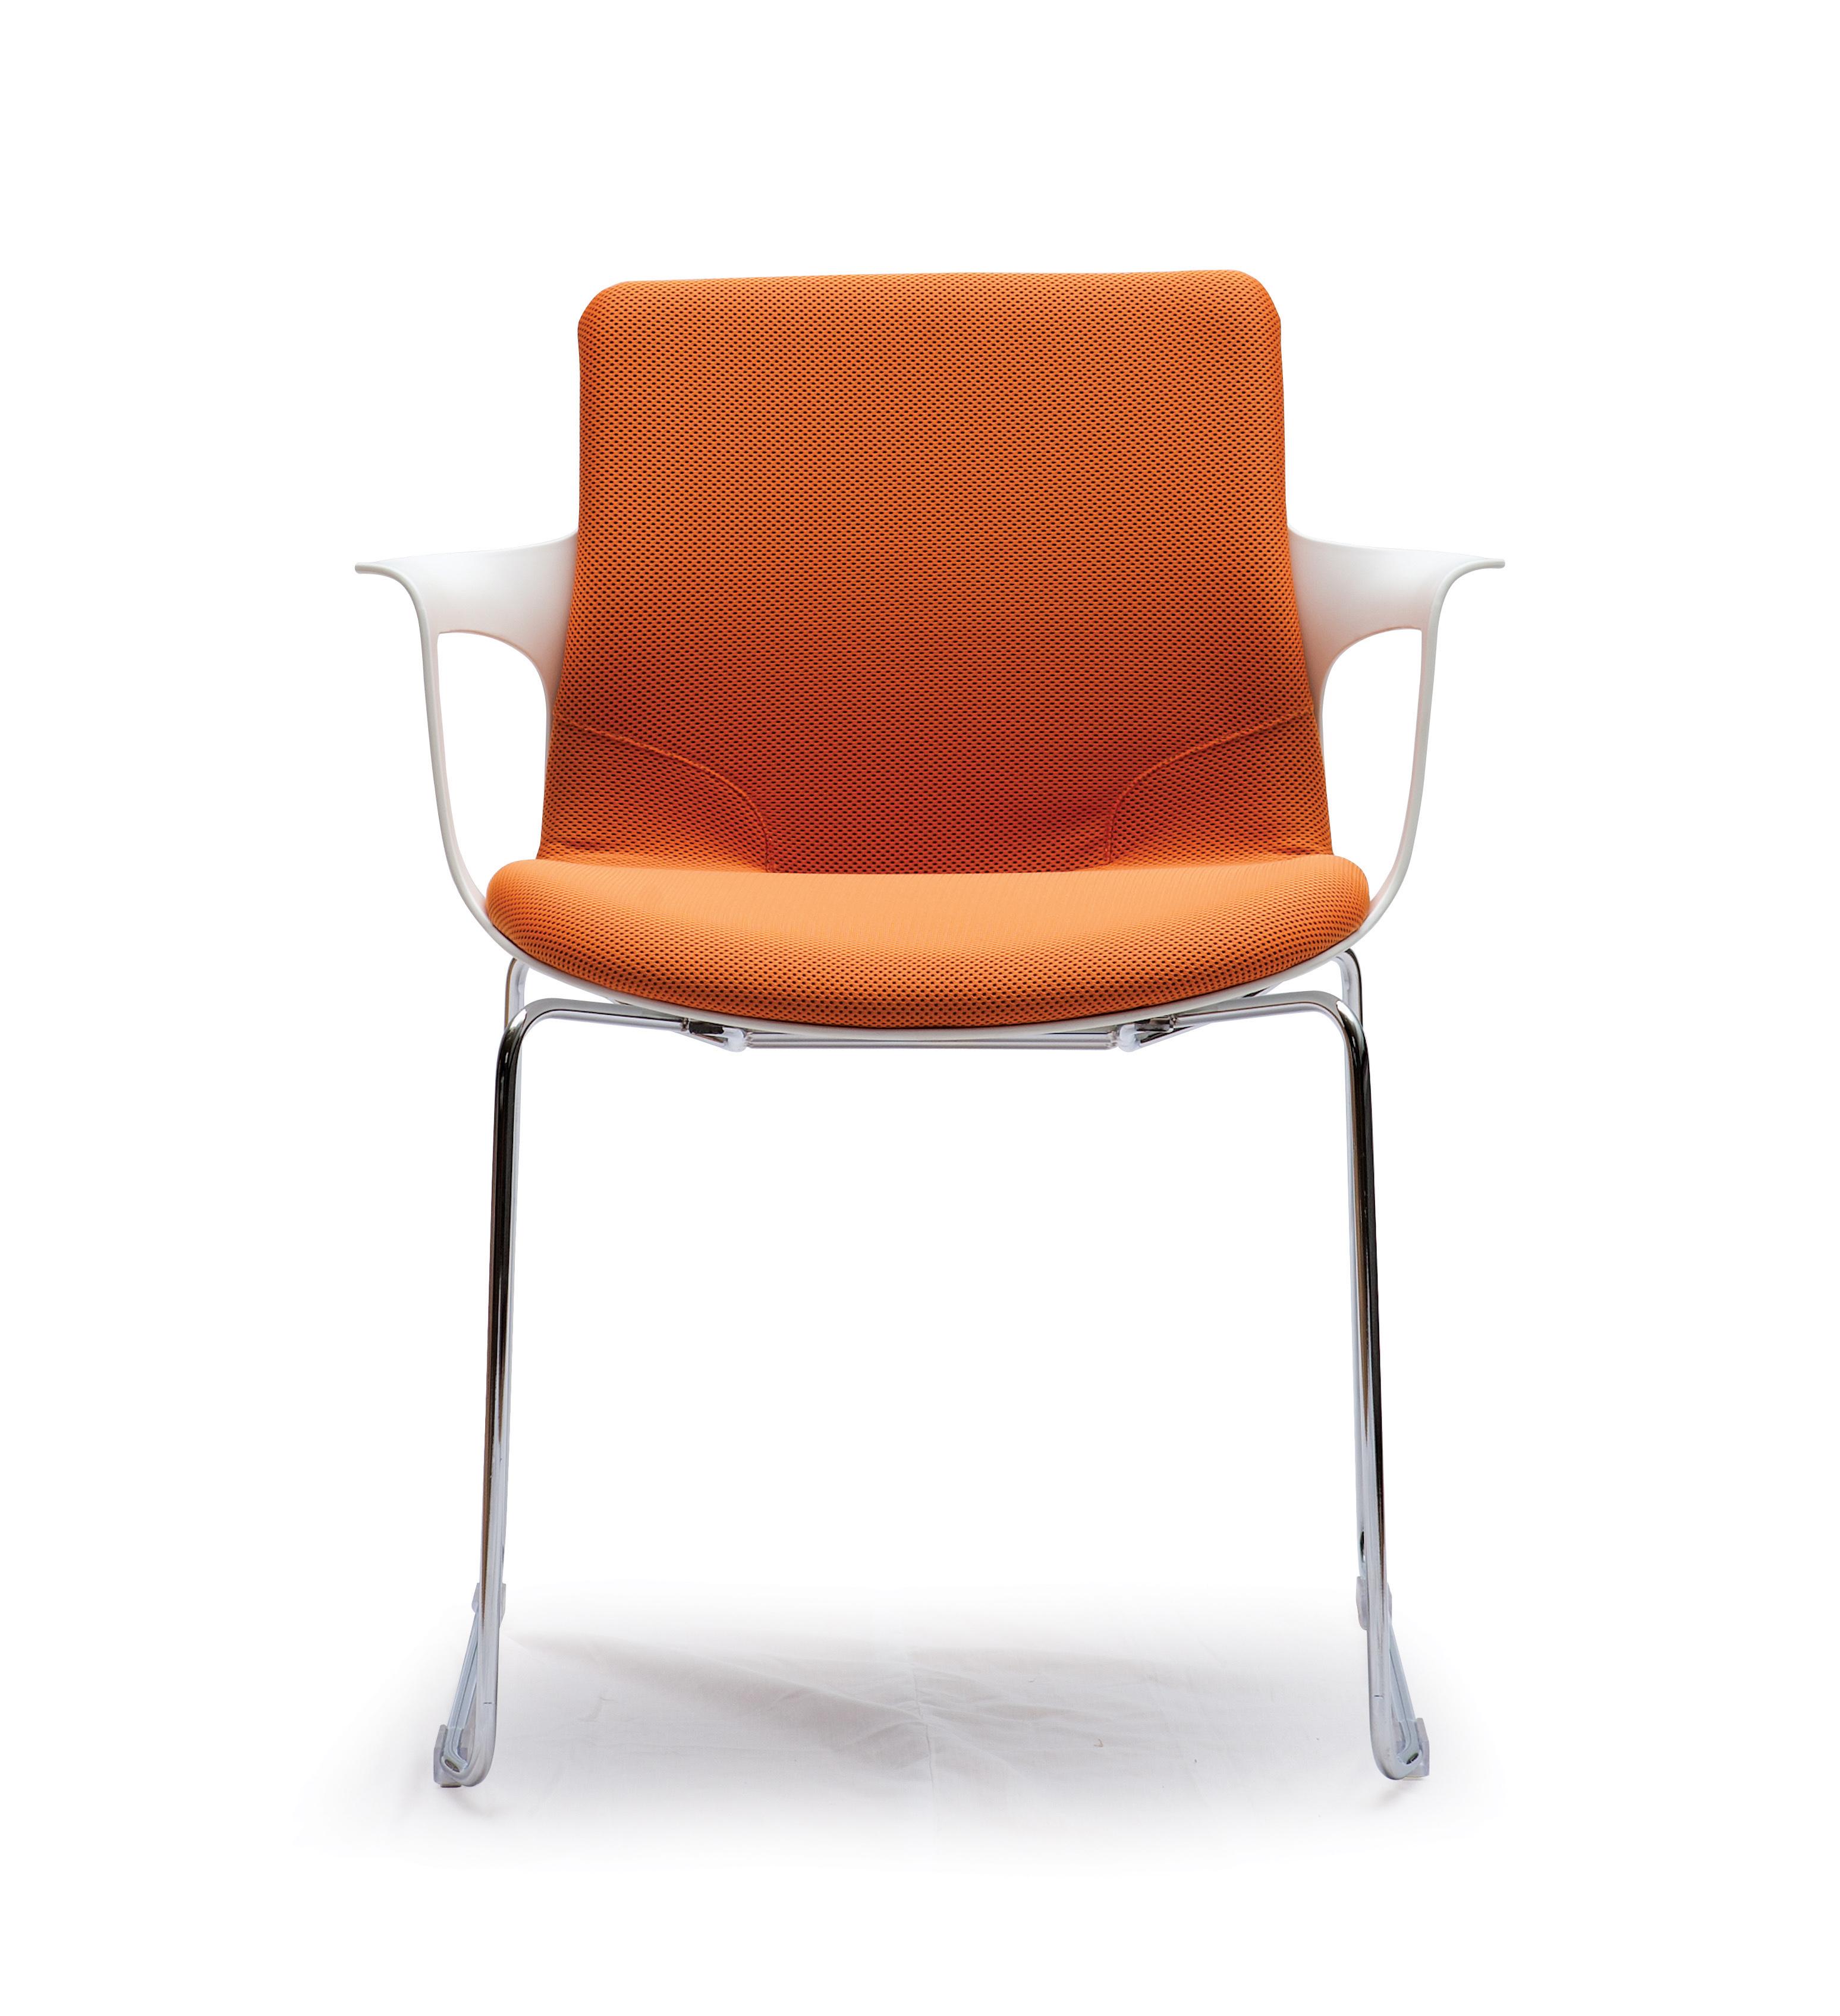 Sidiz EGA Sled Visitor Chair